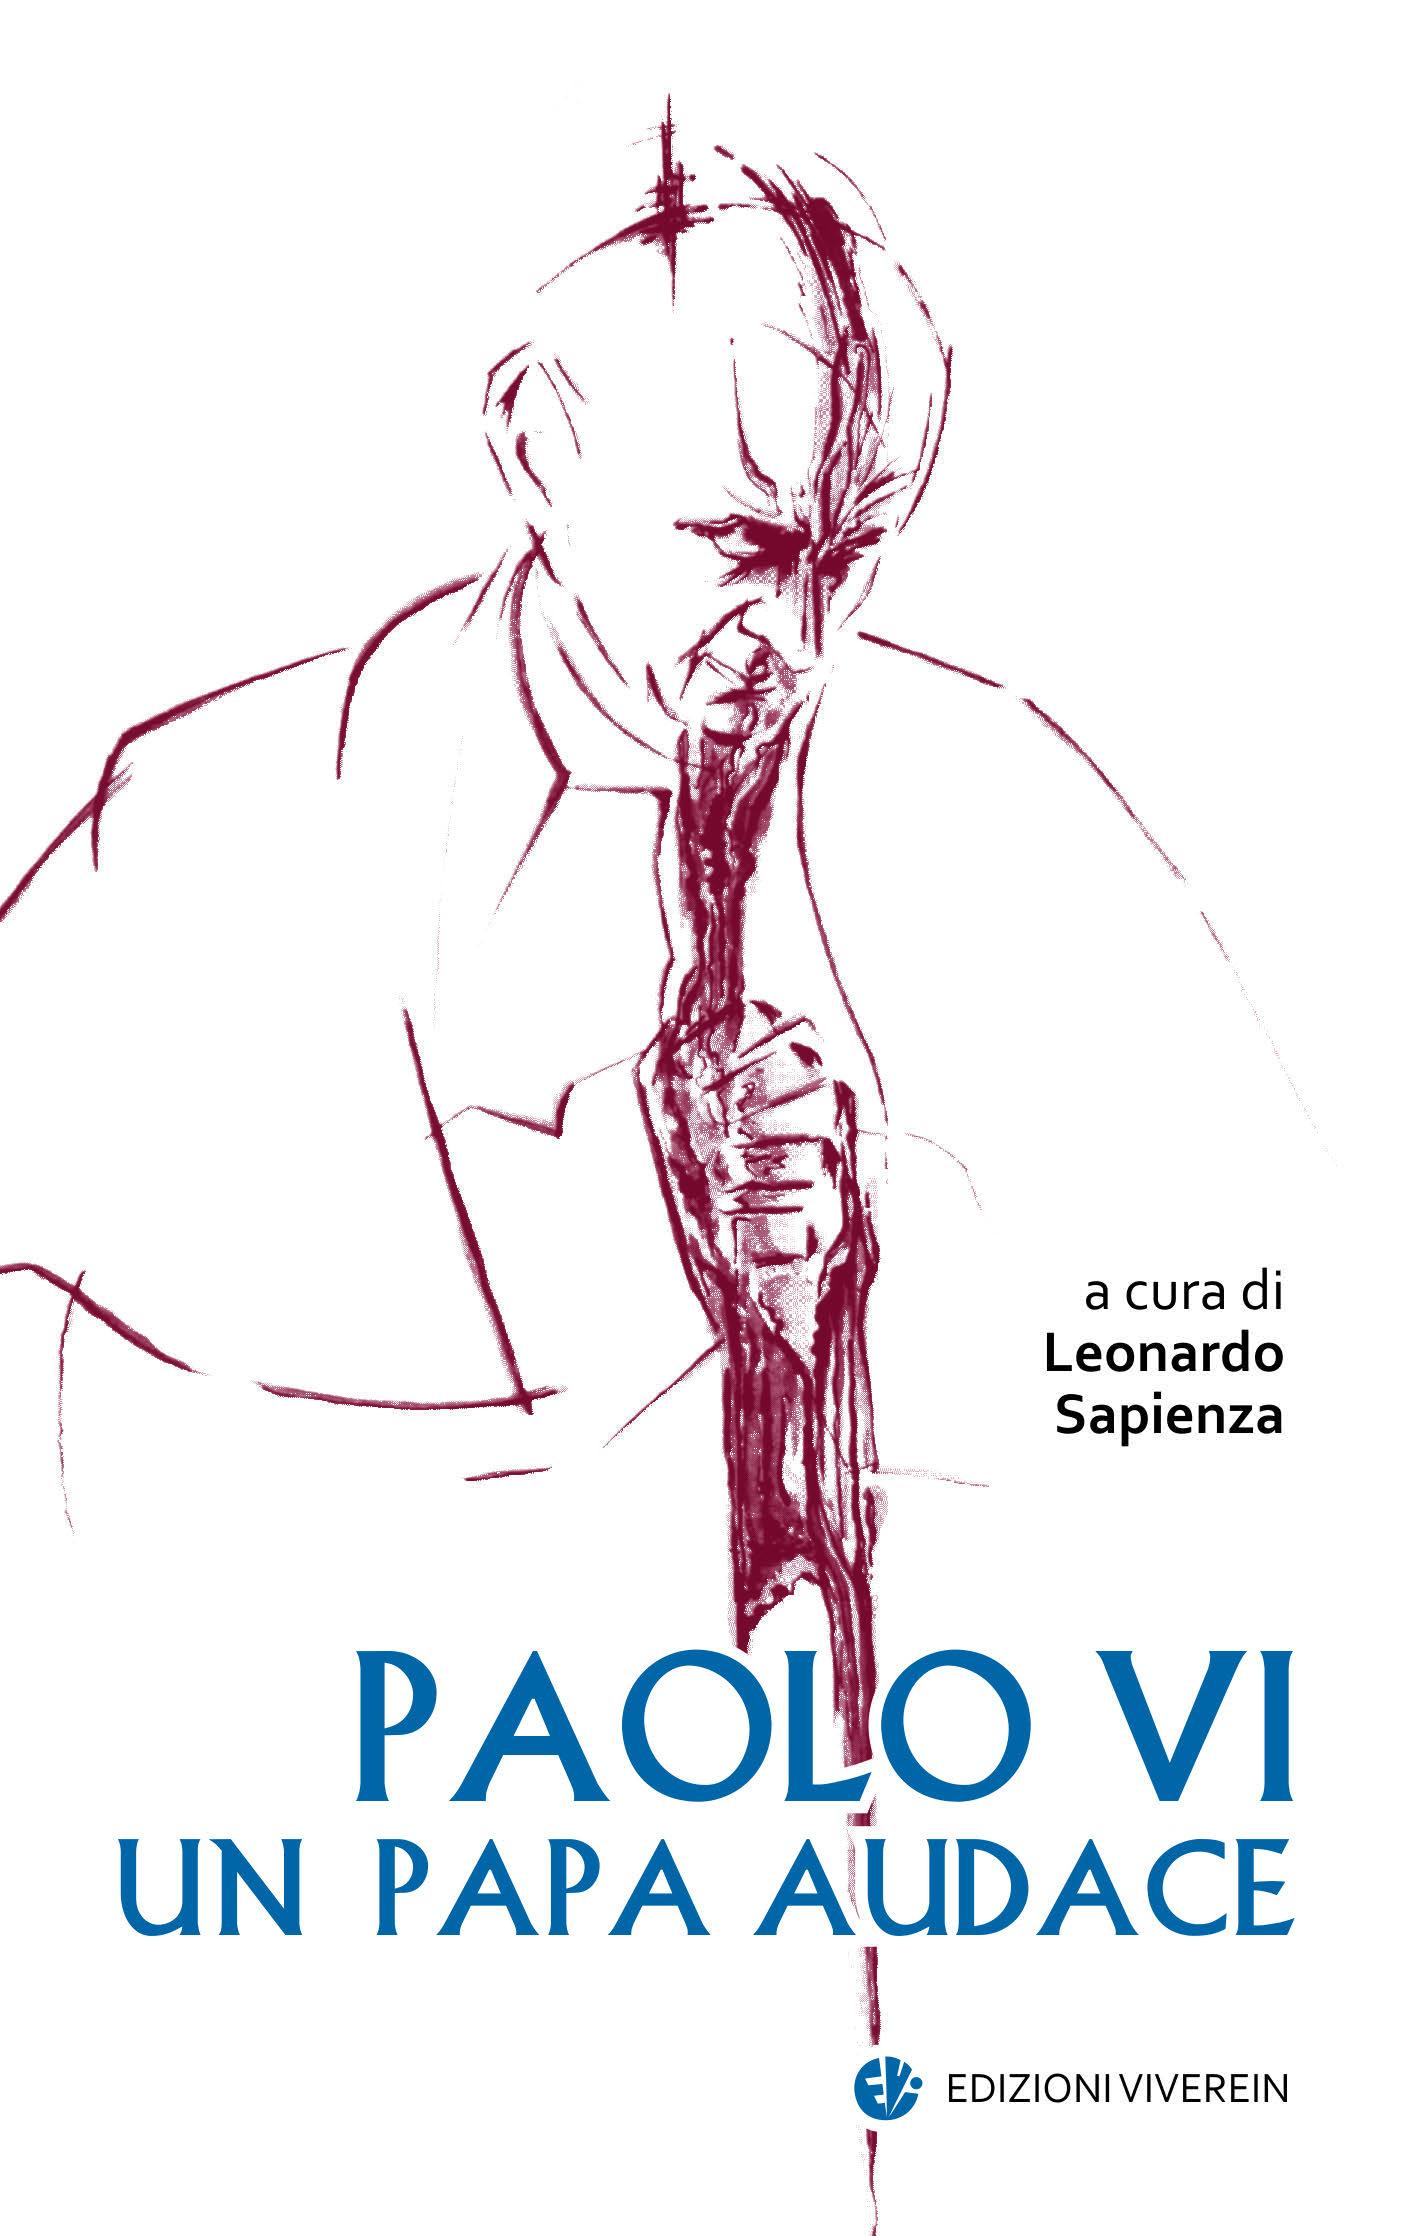 Paolo VI papa audace